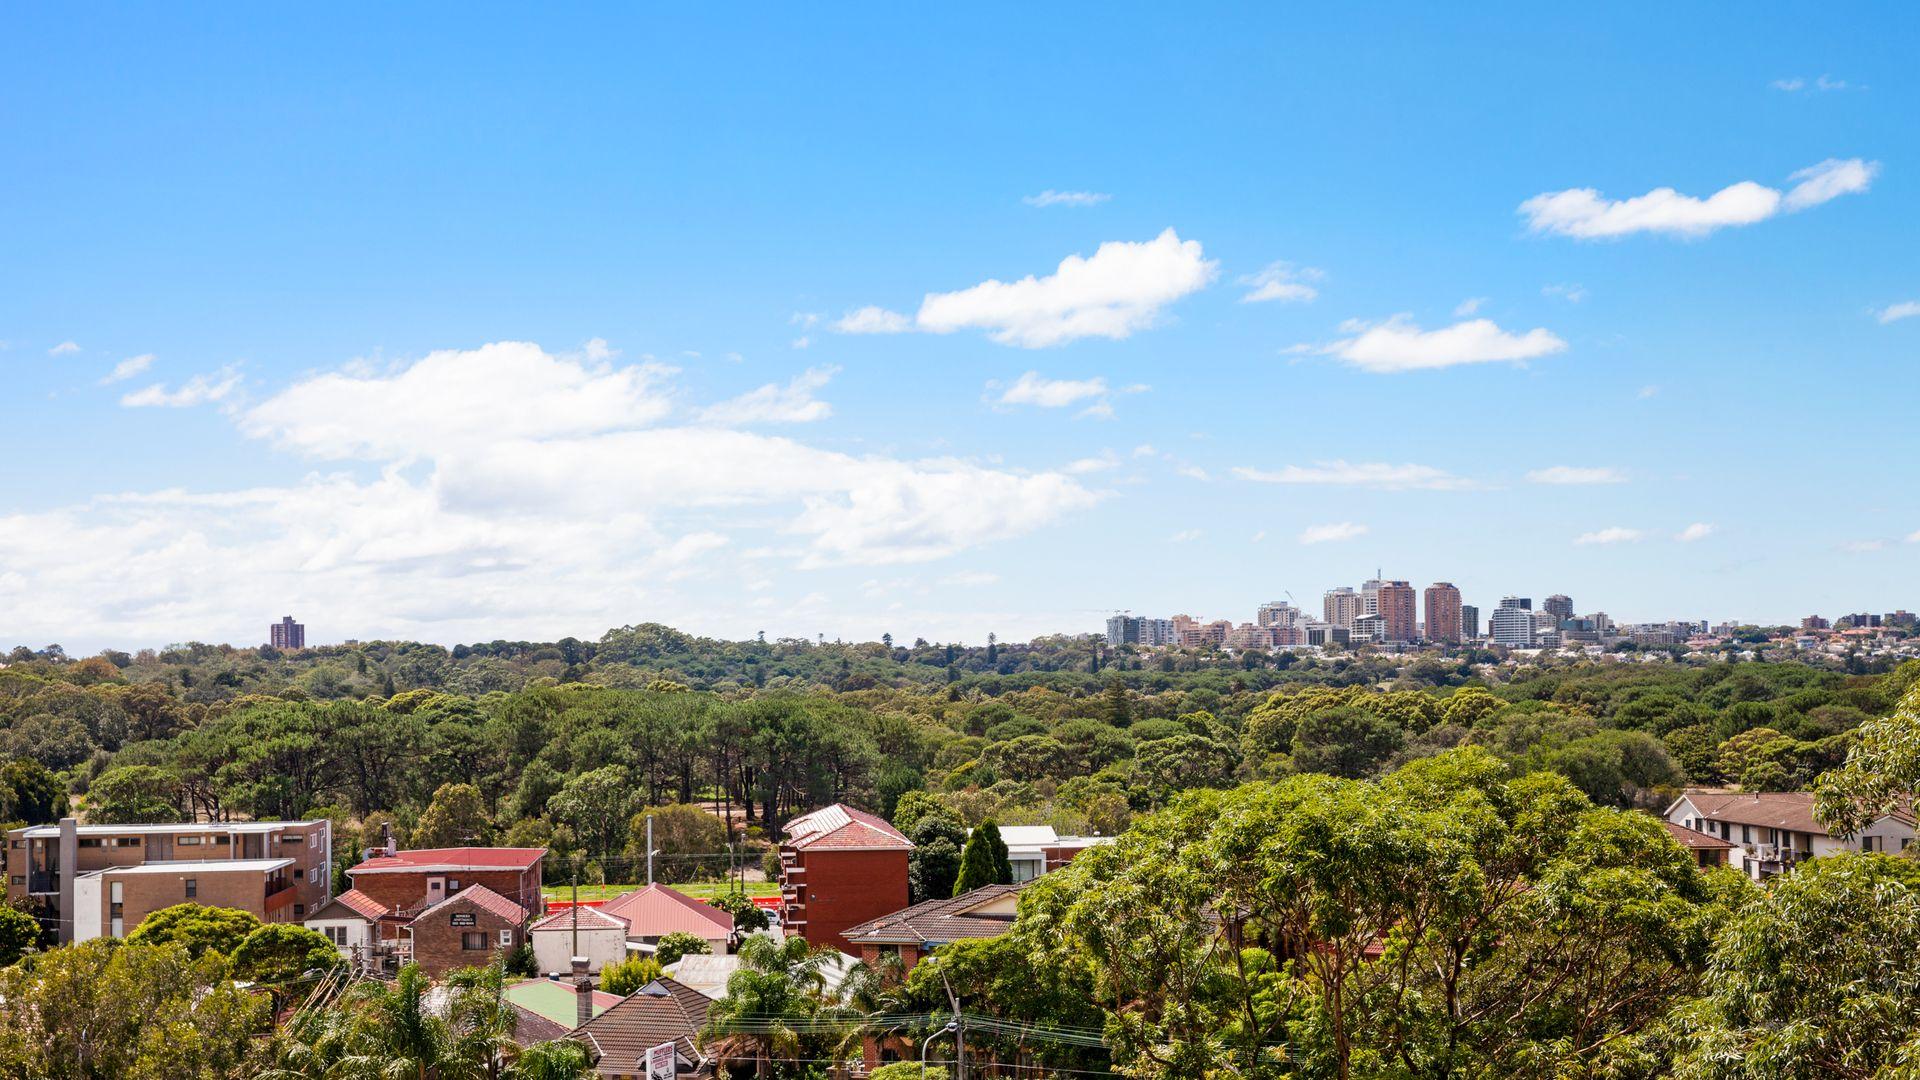 42/16 Boronia Street, Kensington NSW 2033, Image 1